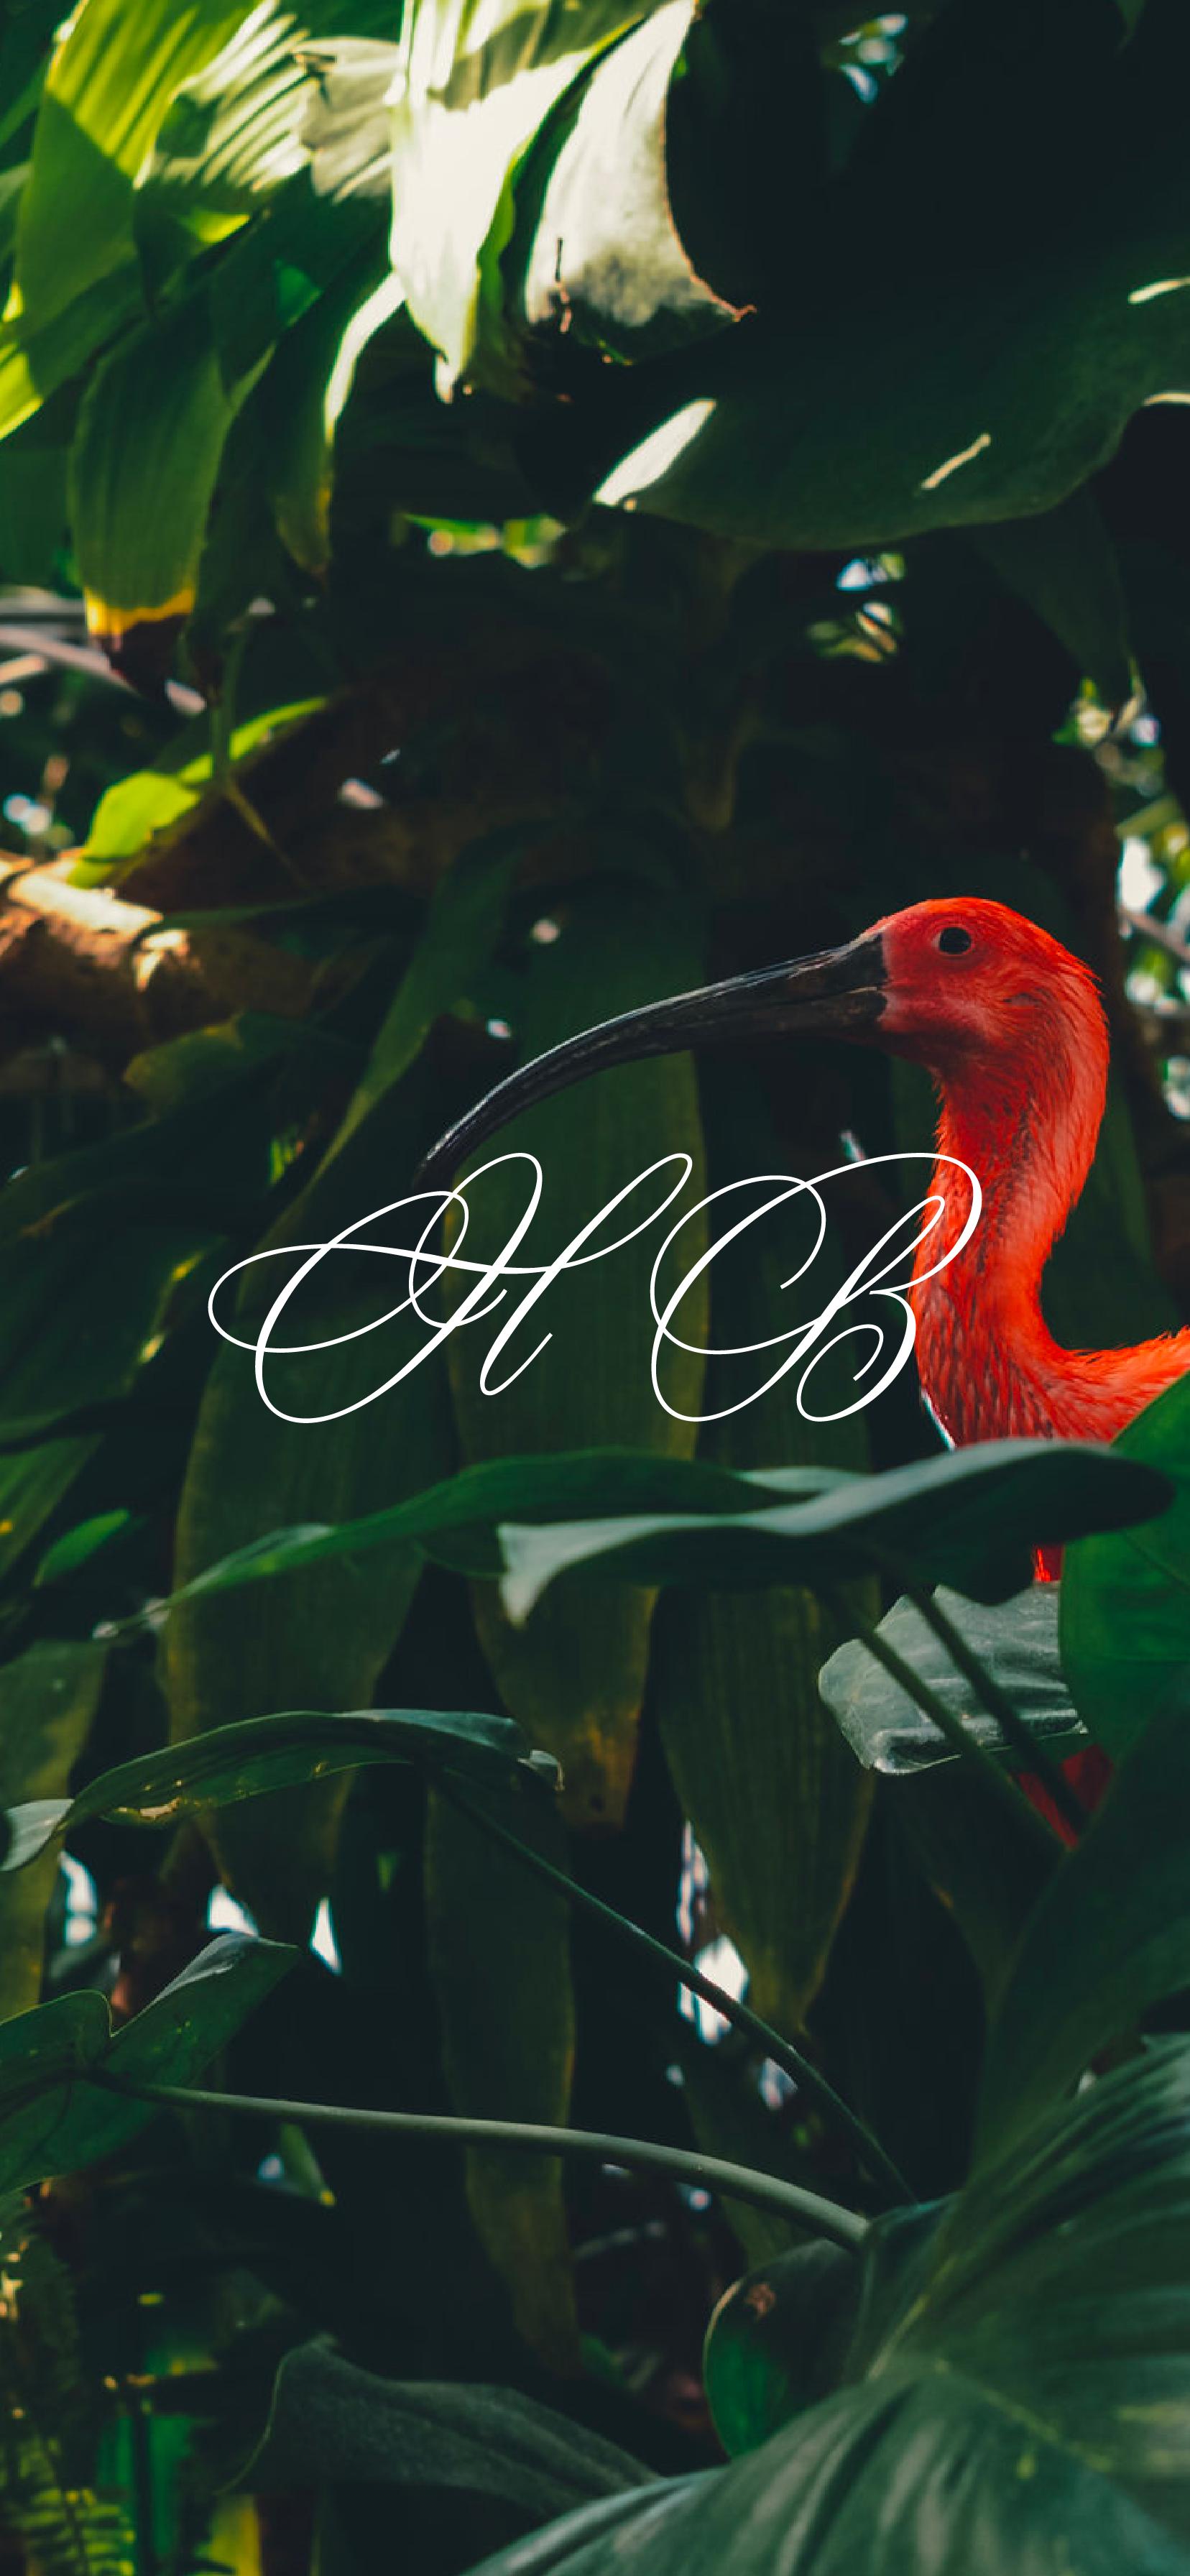 phone_flamingo@2x.png